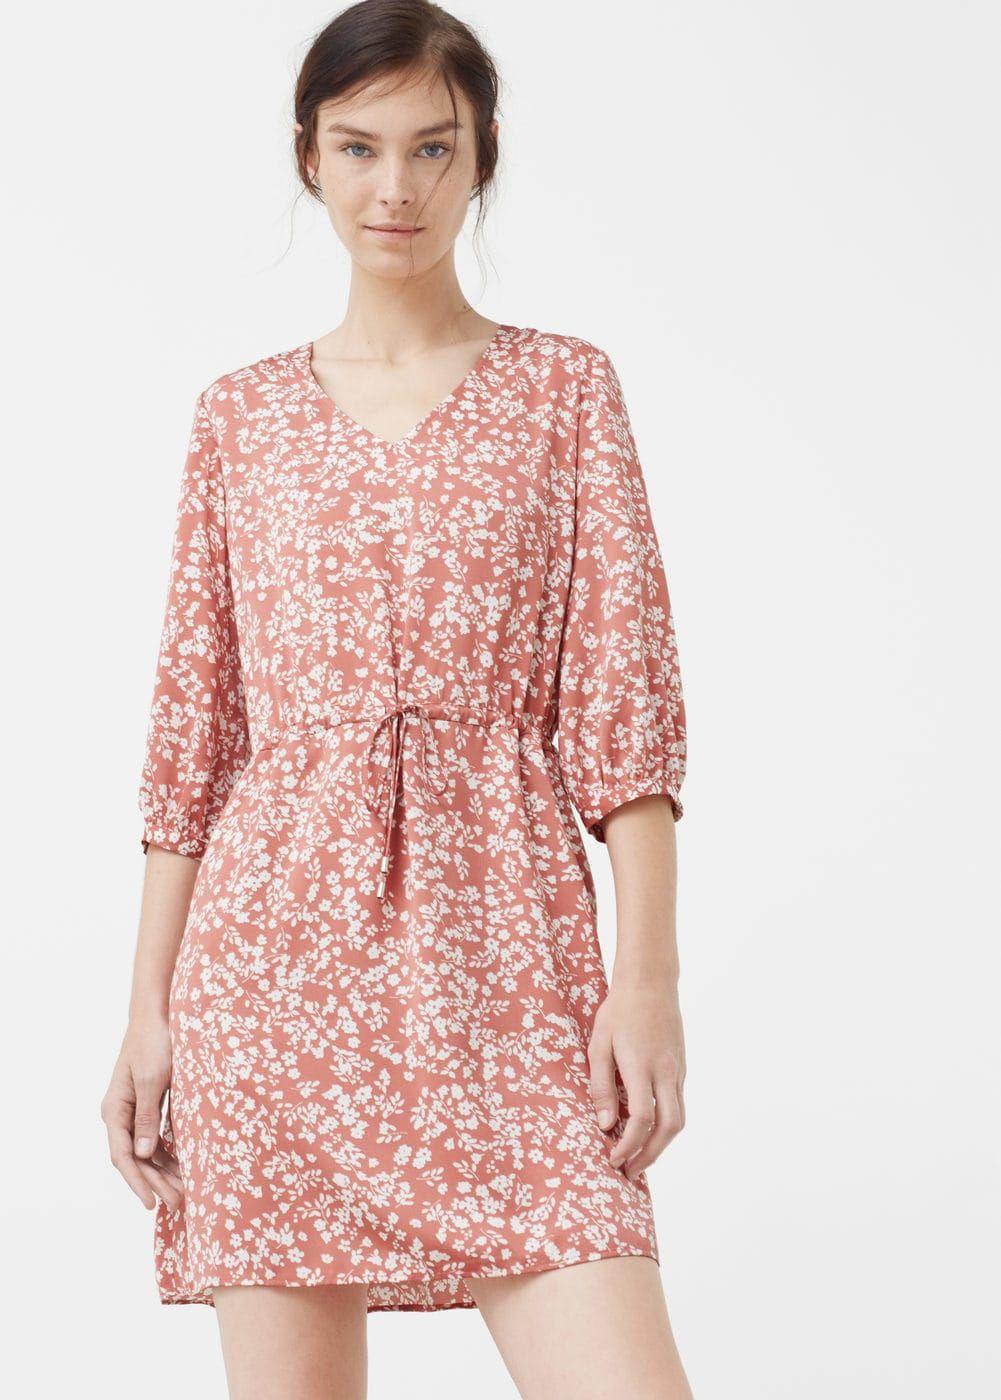 Vestido fluido floral - Mujer | Vestidos fluidos, Florales y Mango